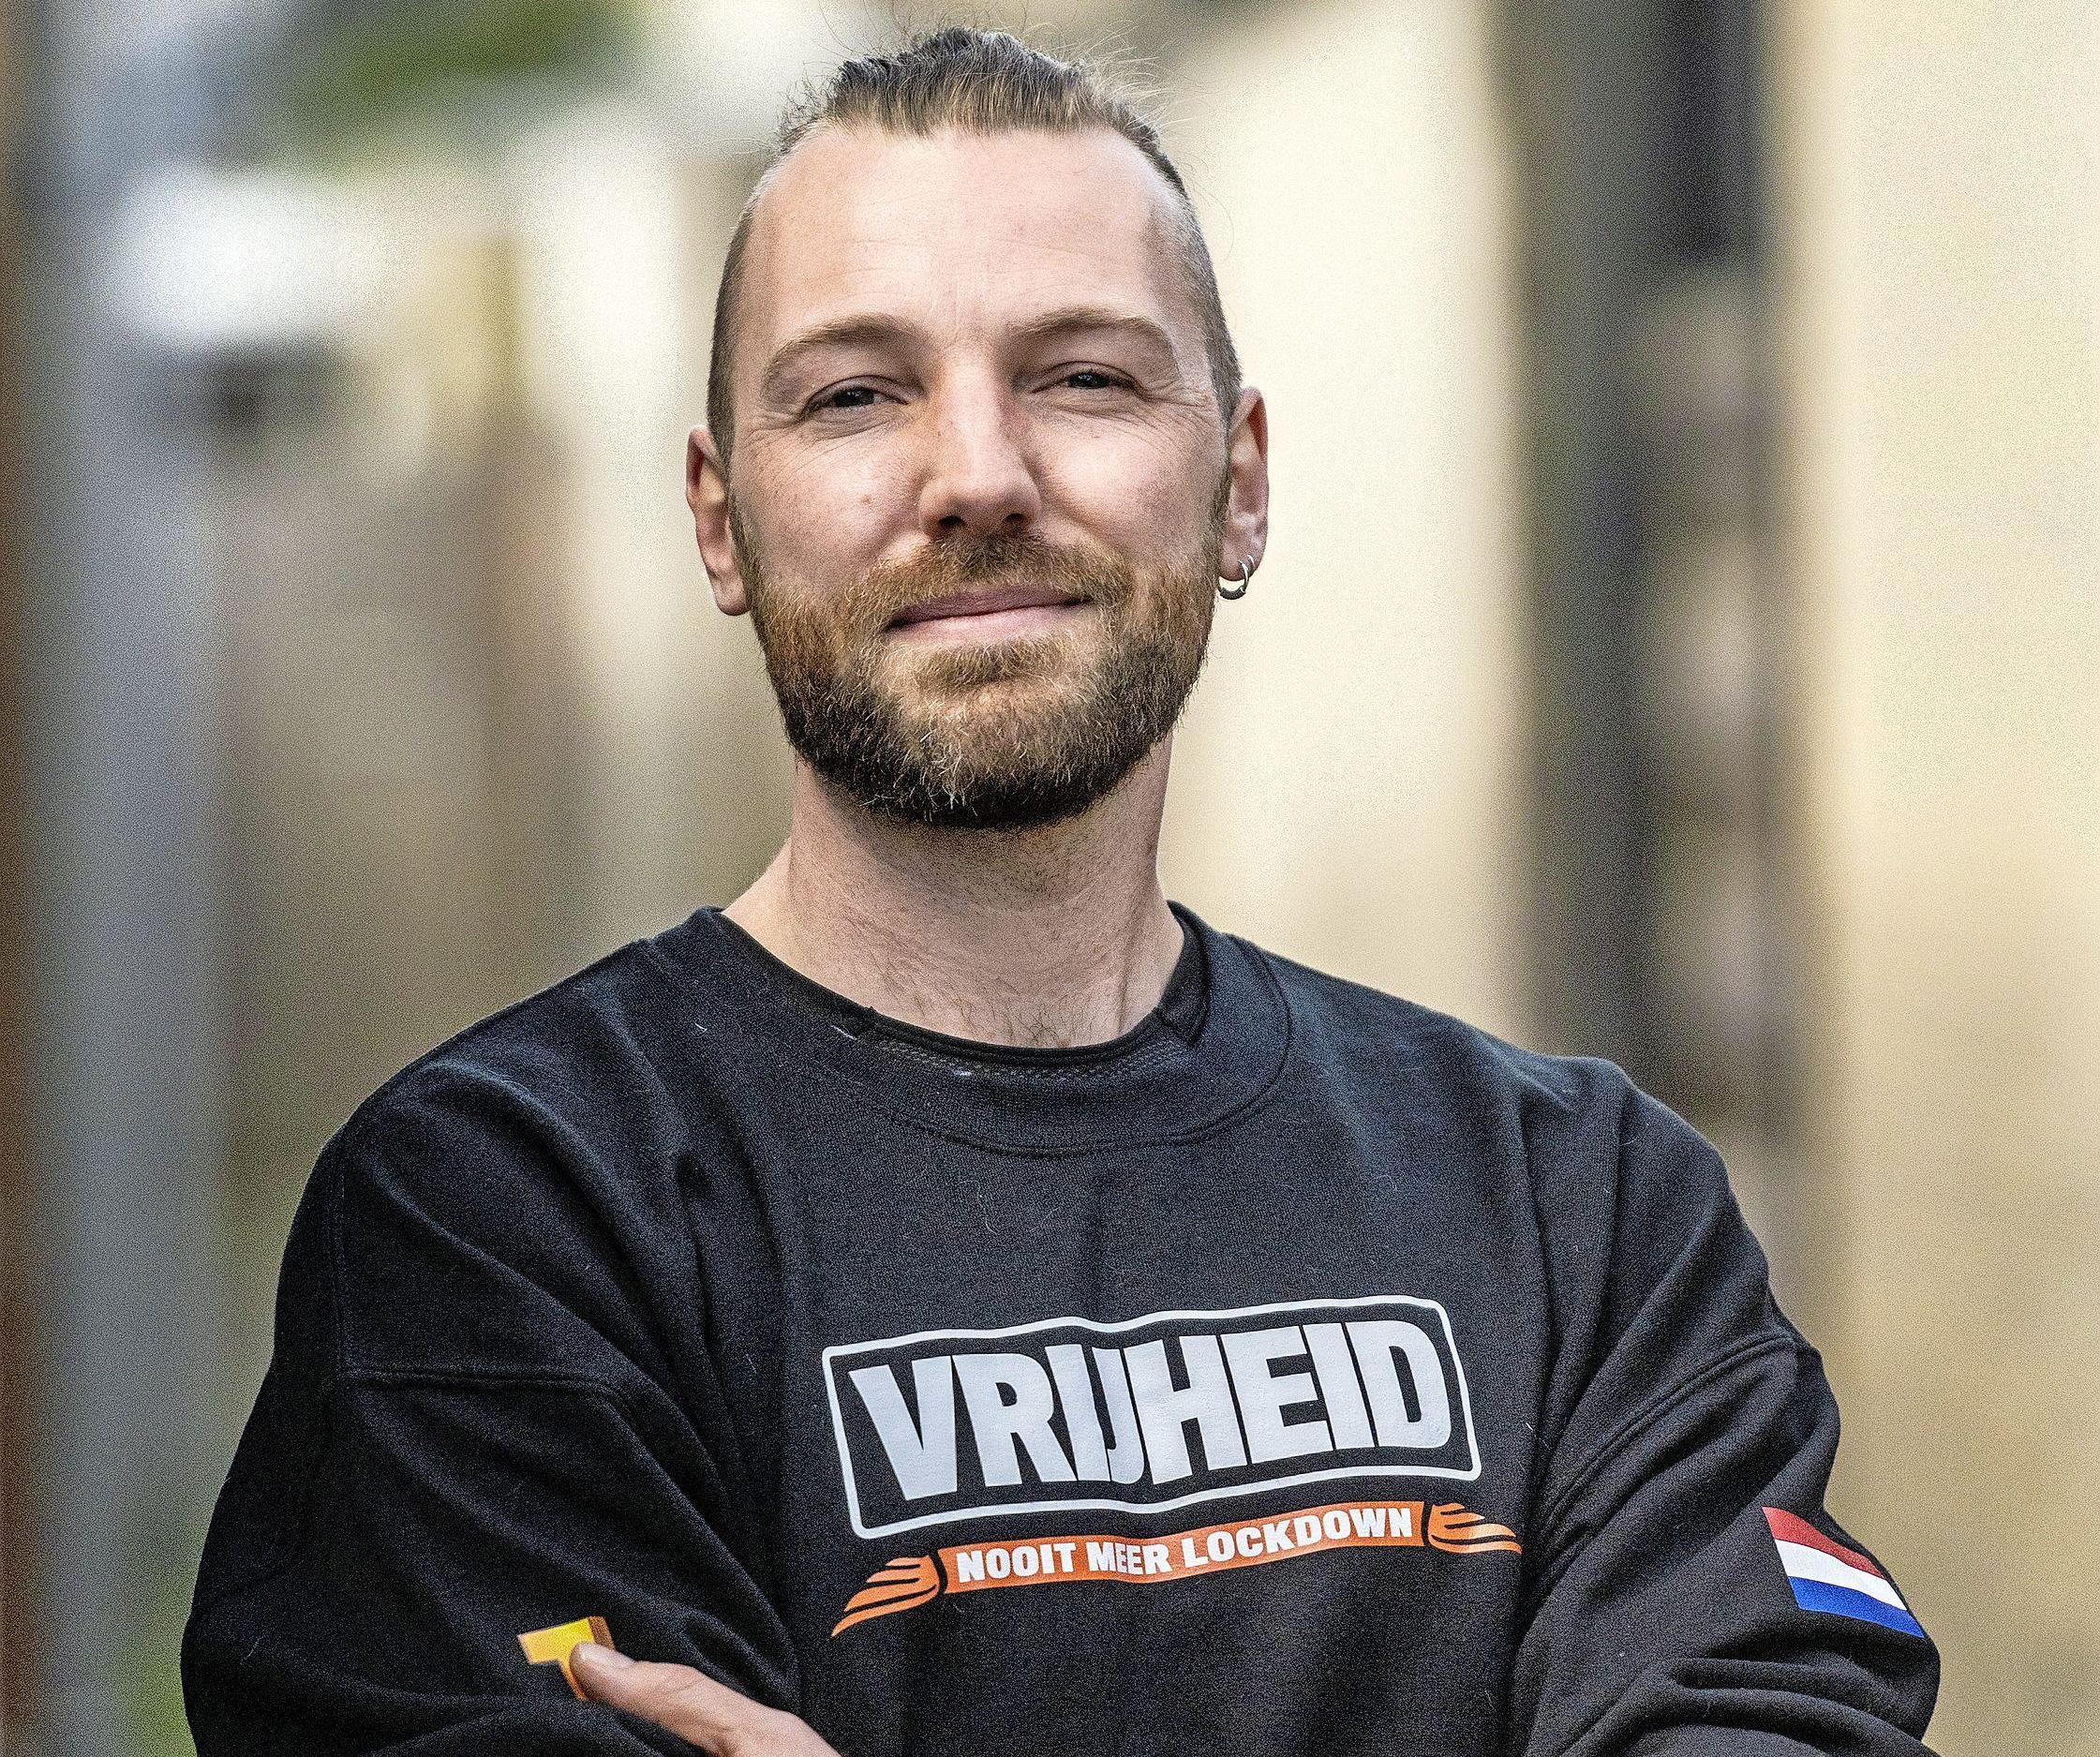 Ikea schorst Robin (30) omdat hij weigert het verplichte mondkapje te dragen: 'Wij zijn verantwoordelijk voor de veiligheid van onze werknemers en klanten'